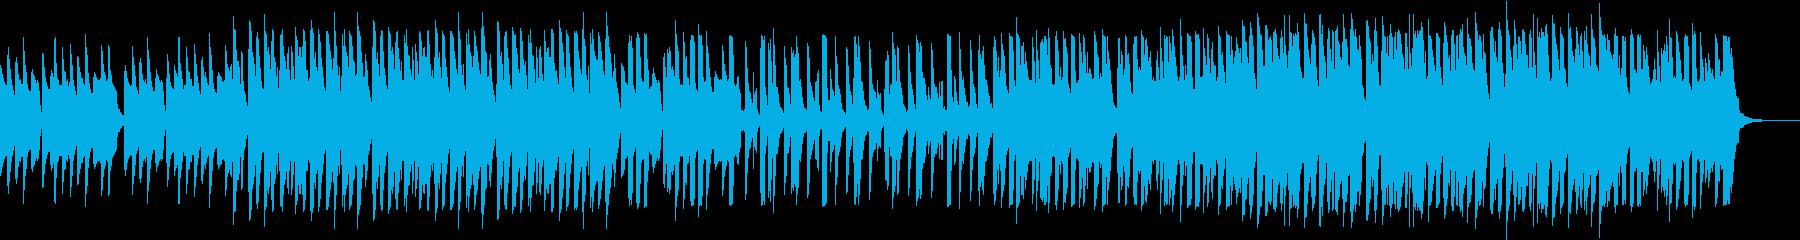 大人なグルーヴ、アーバン・テクノ・ハウスの再生済みの波形